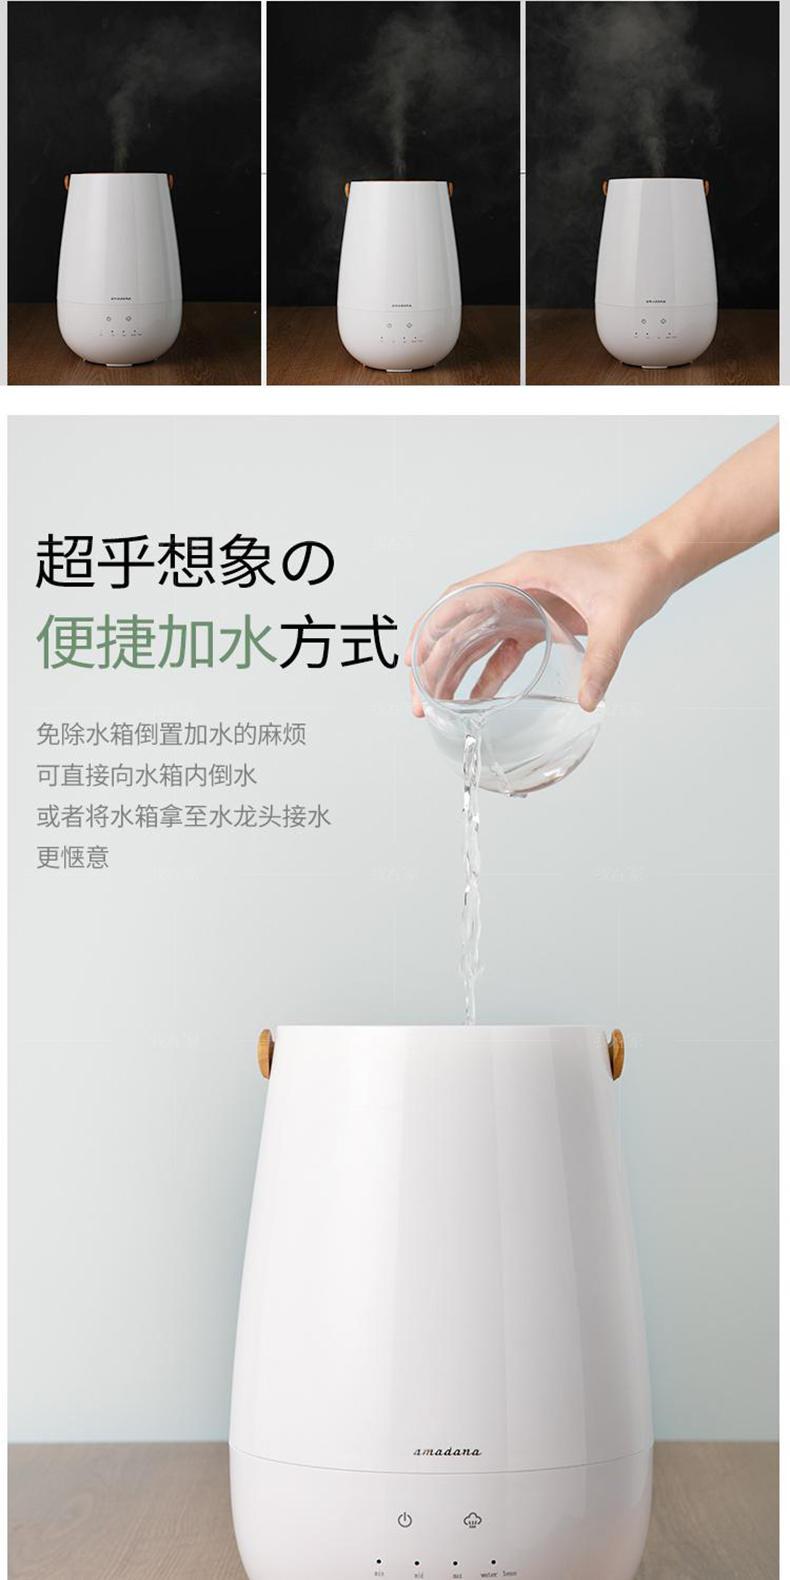 艾曼达系列木纹色手提式加湿器的详细介绍